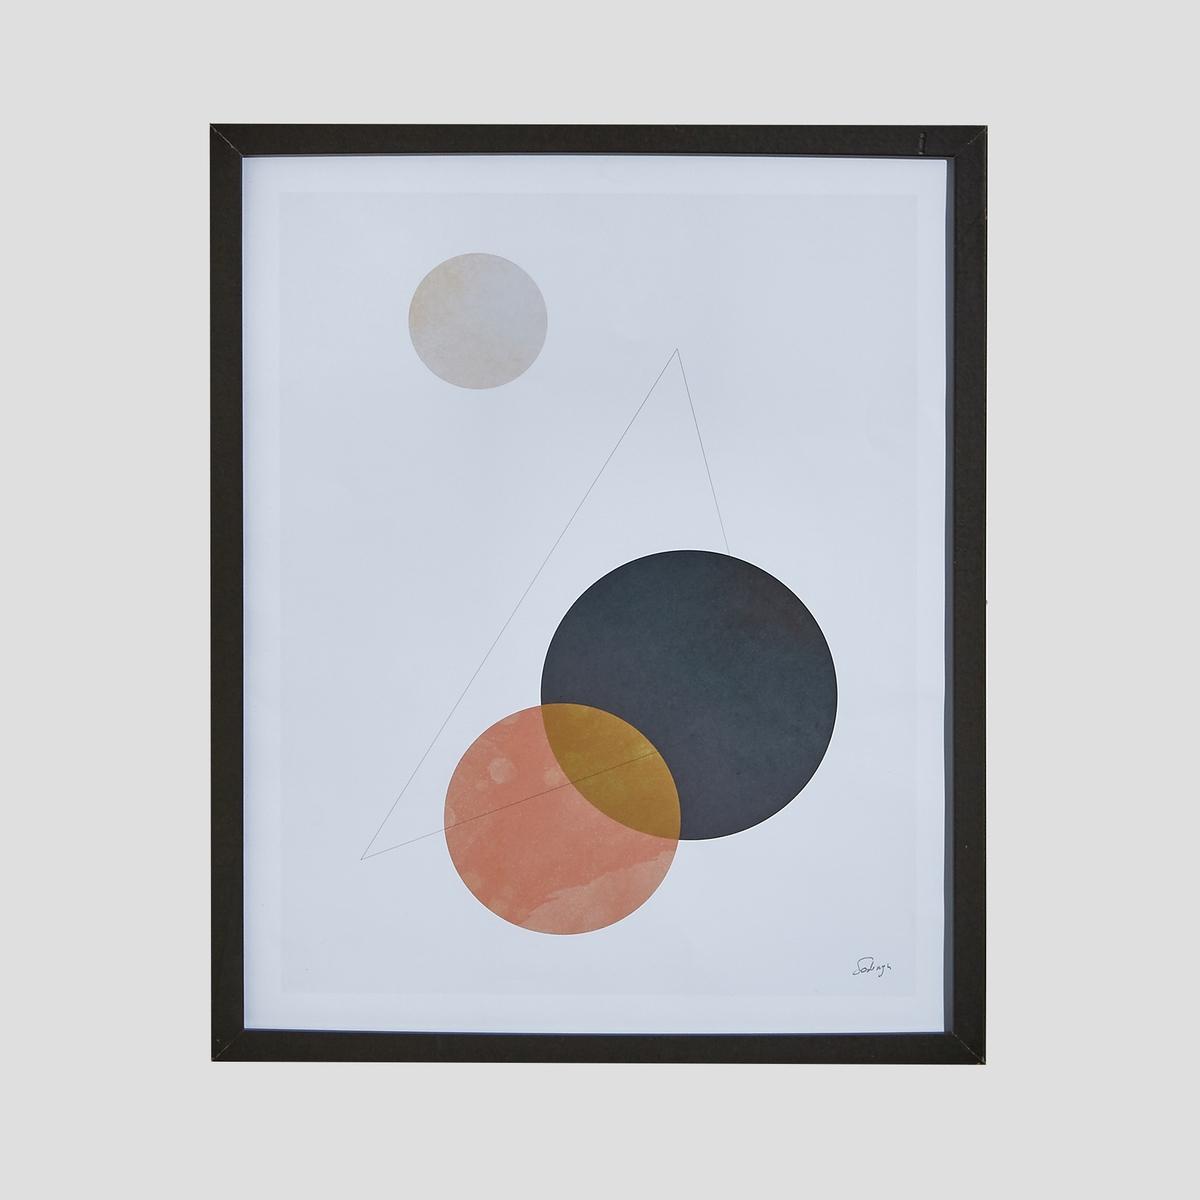 Плакат настенный синего и розового цветов, BelaskoПлакат Belasko. Абстрактный рисунок на офсетной бумаге, 170 г. Из бумаги. Размеры : Ш.40 x В.50 см. Плакат поставляется в картонном тубусе.<br><br>Цвет: синий/розовый